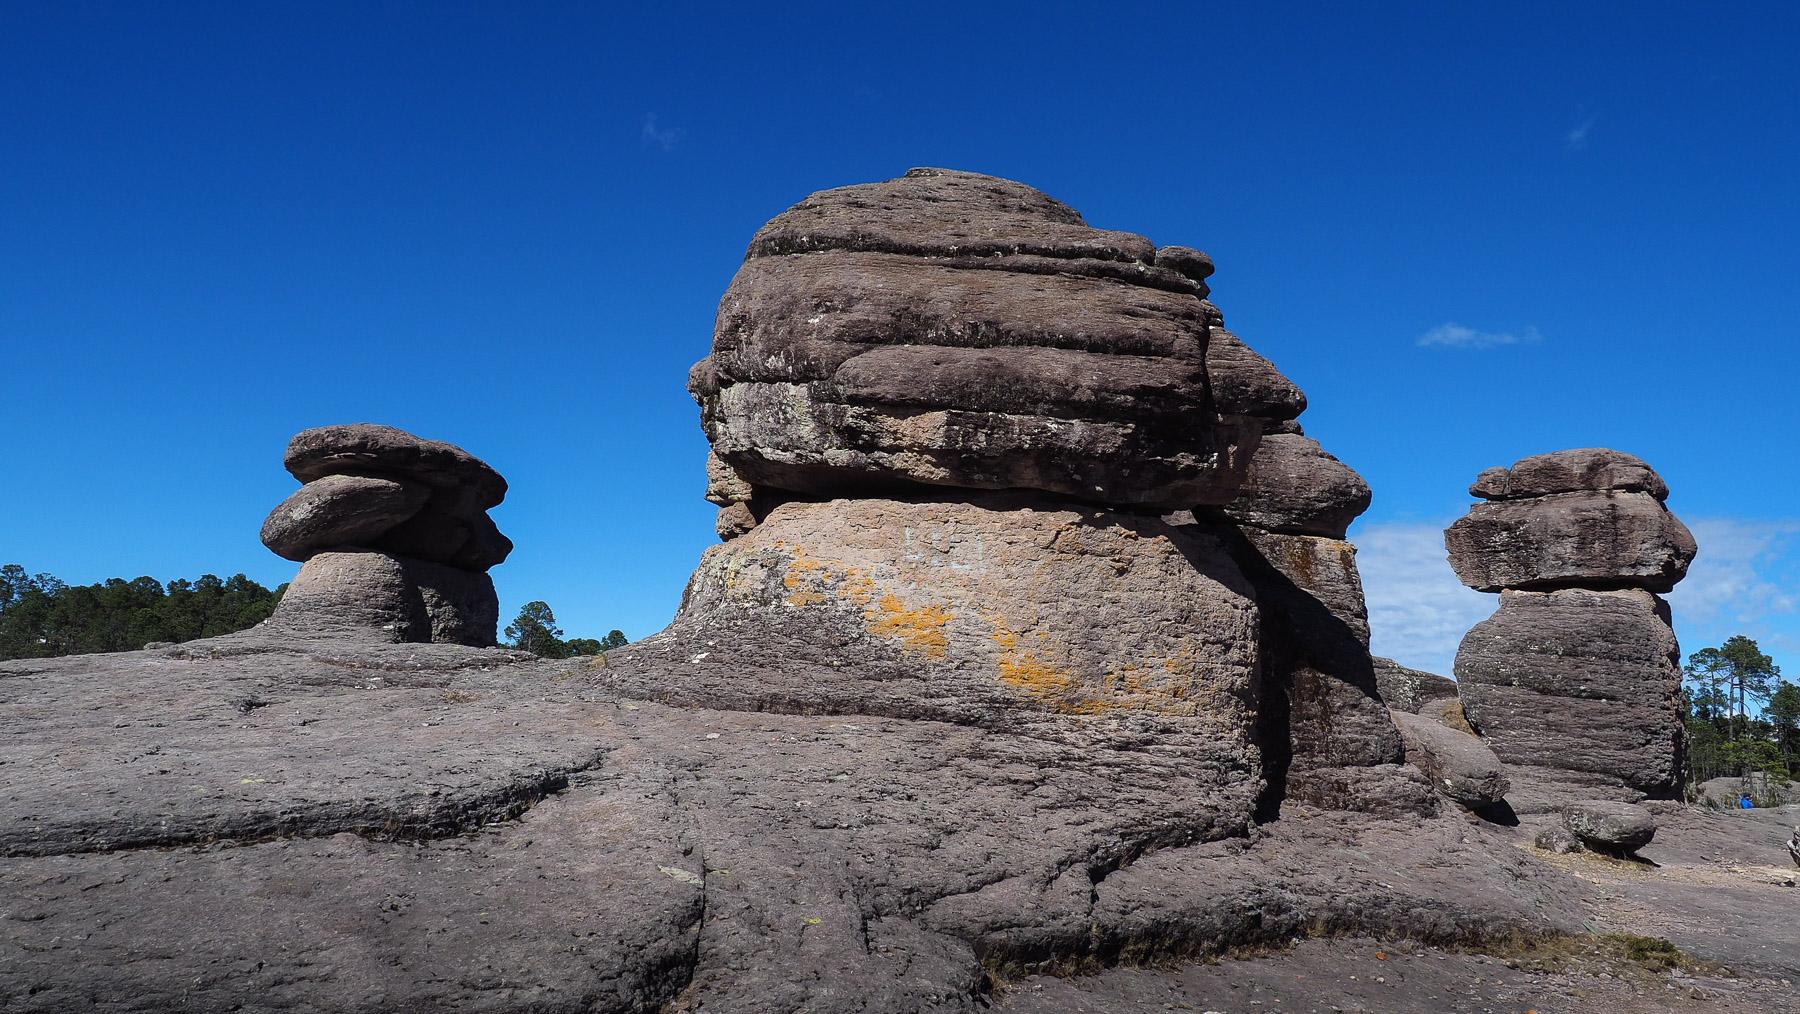 Schöner kleiner Naturpark Mexiquillo auf dem Hochland